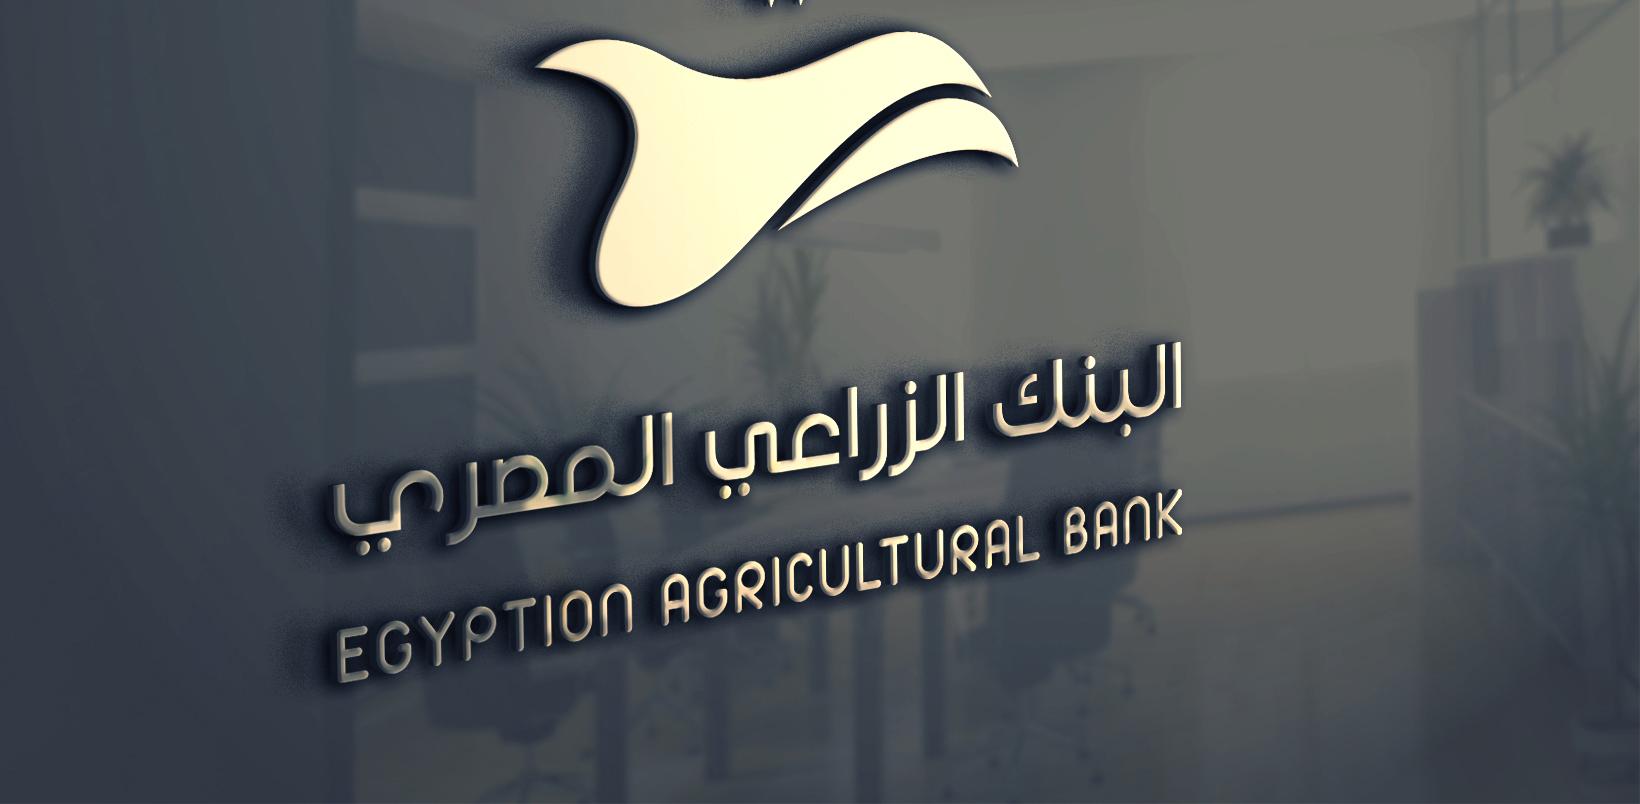 وظائف شاغرة في البنك الزراعي